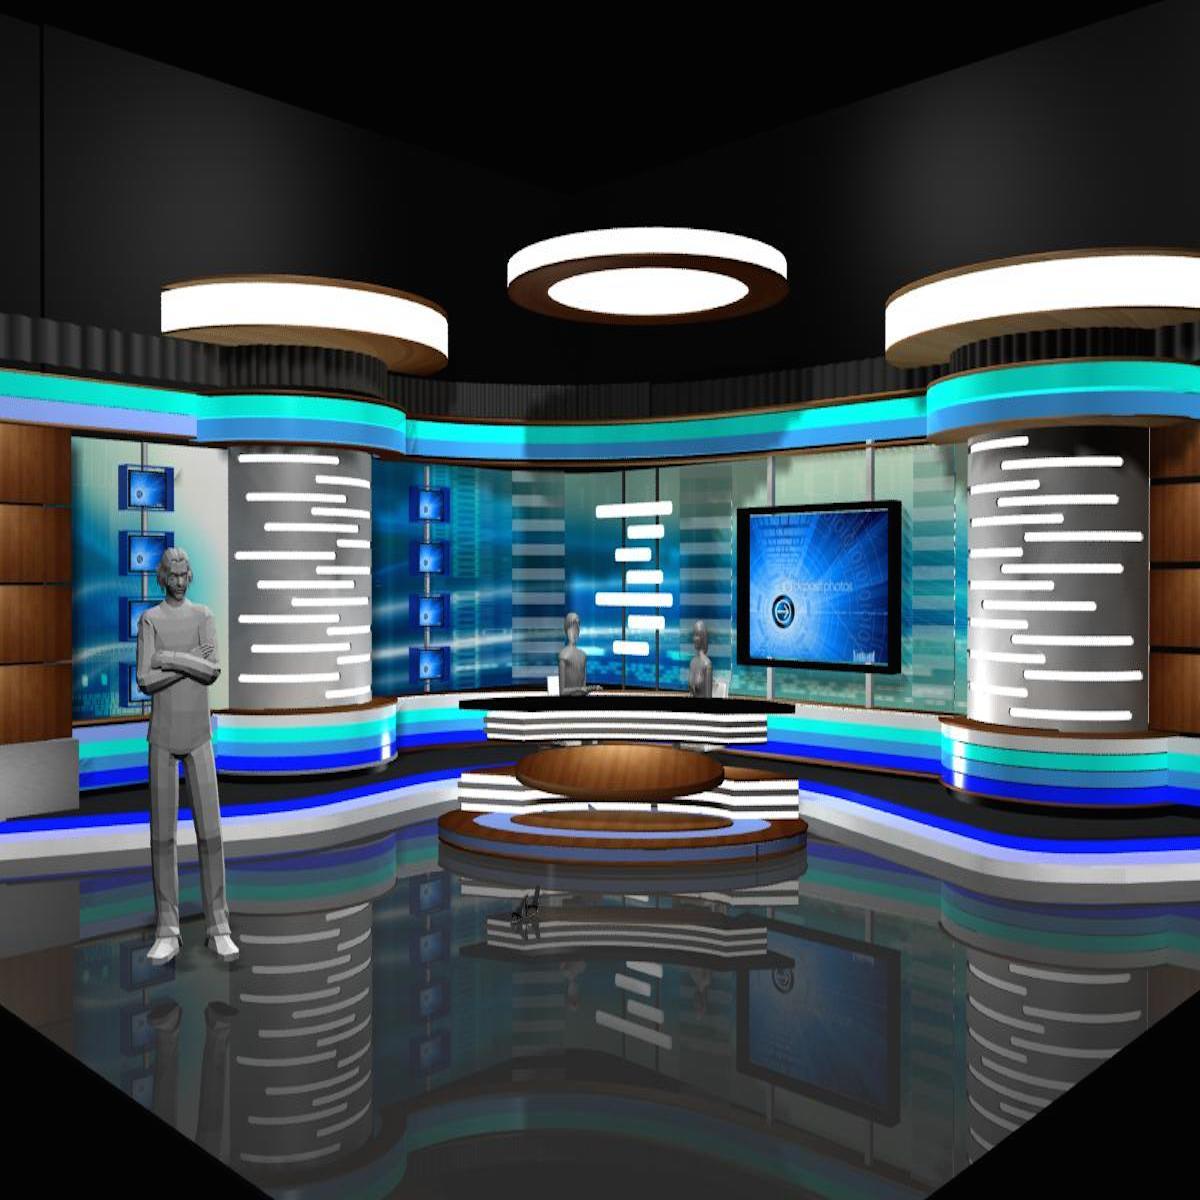 News Room Studio 002 3d model 3ds max dxf dwg fbx texture obj 215530